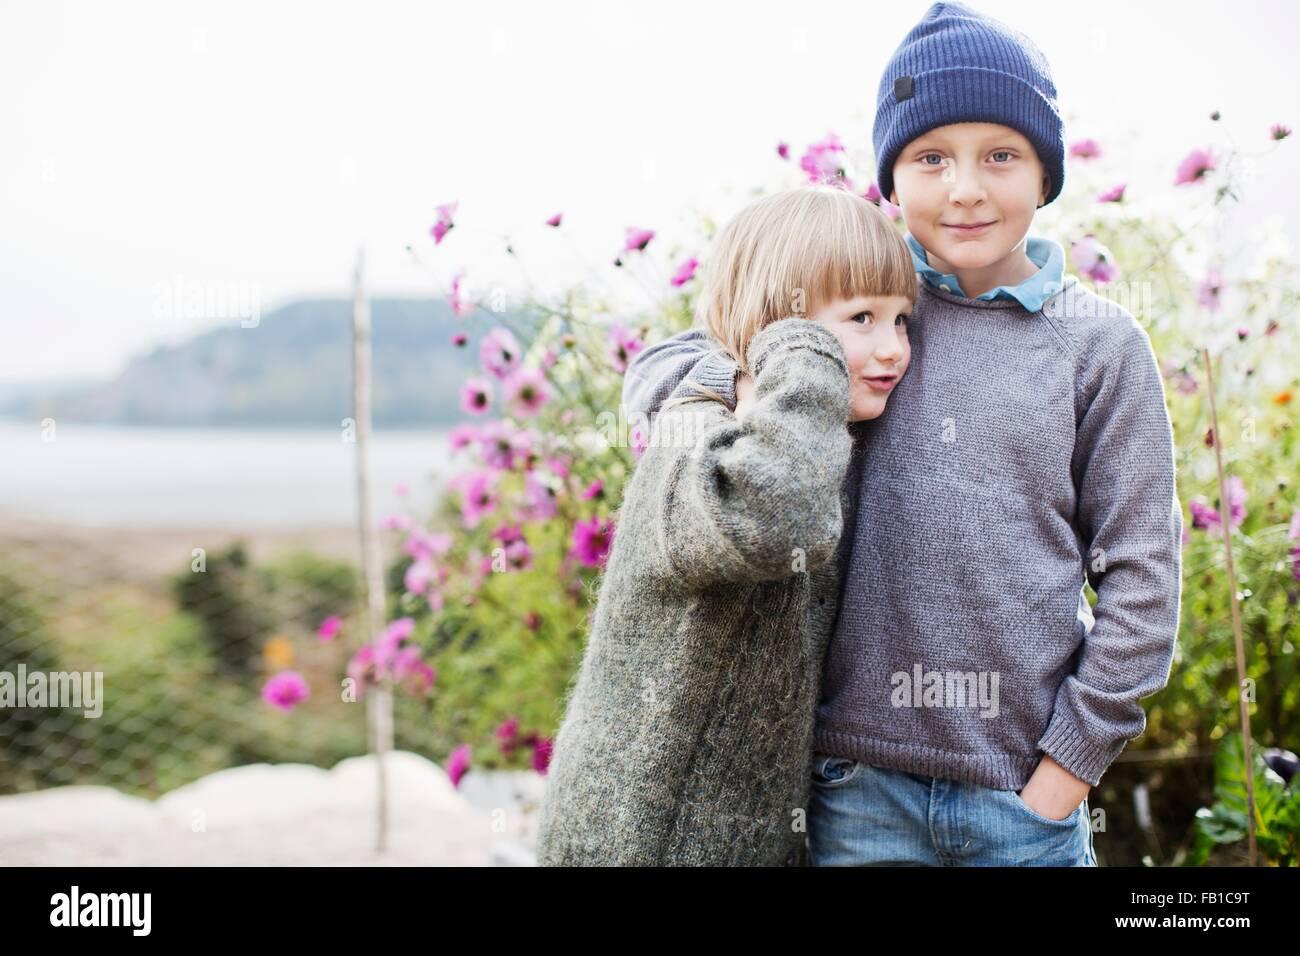 Les garçons dans le jardin organique Photo Stock